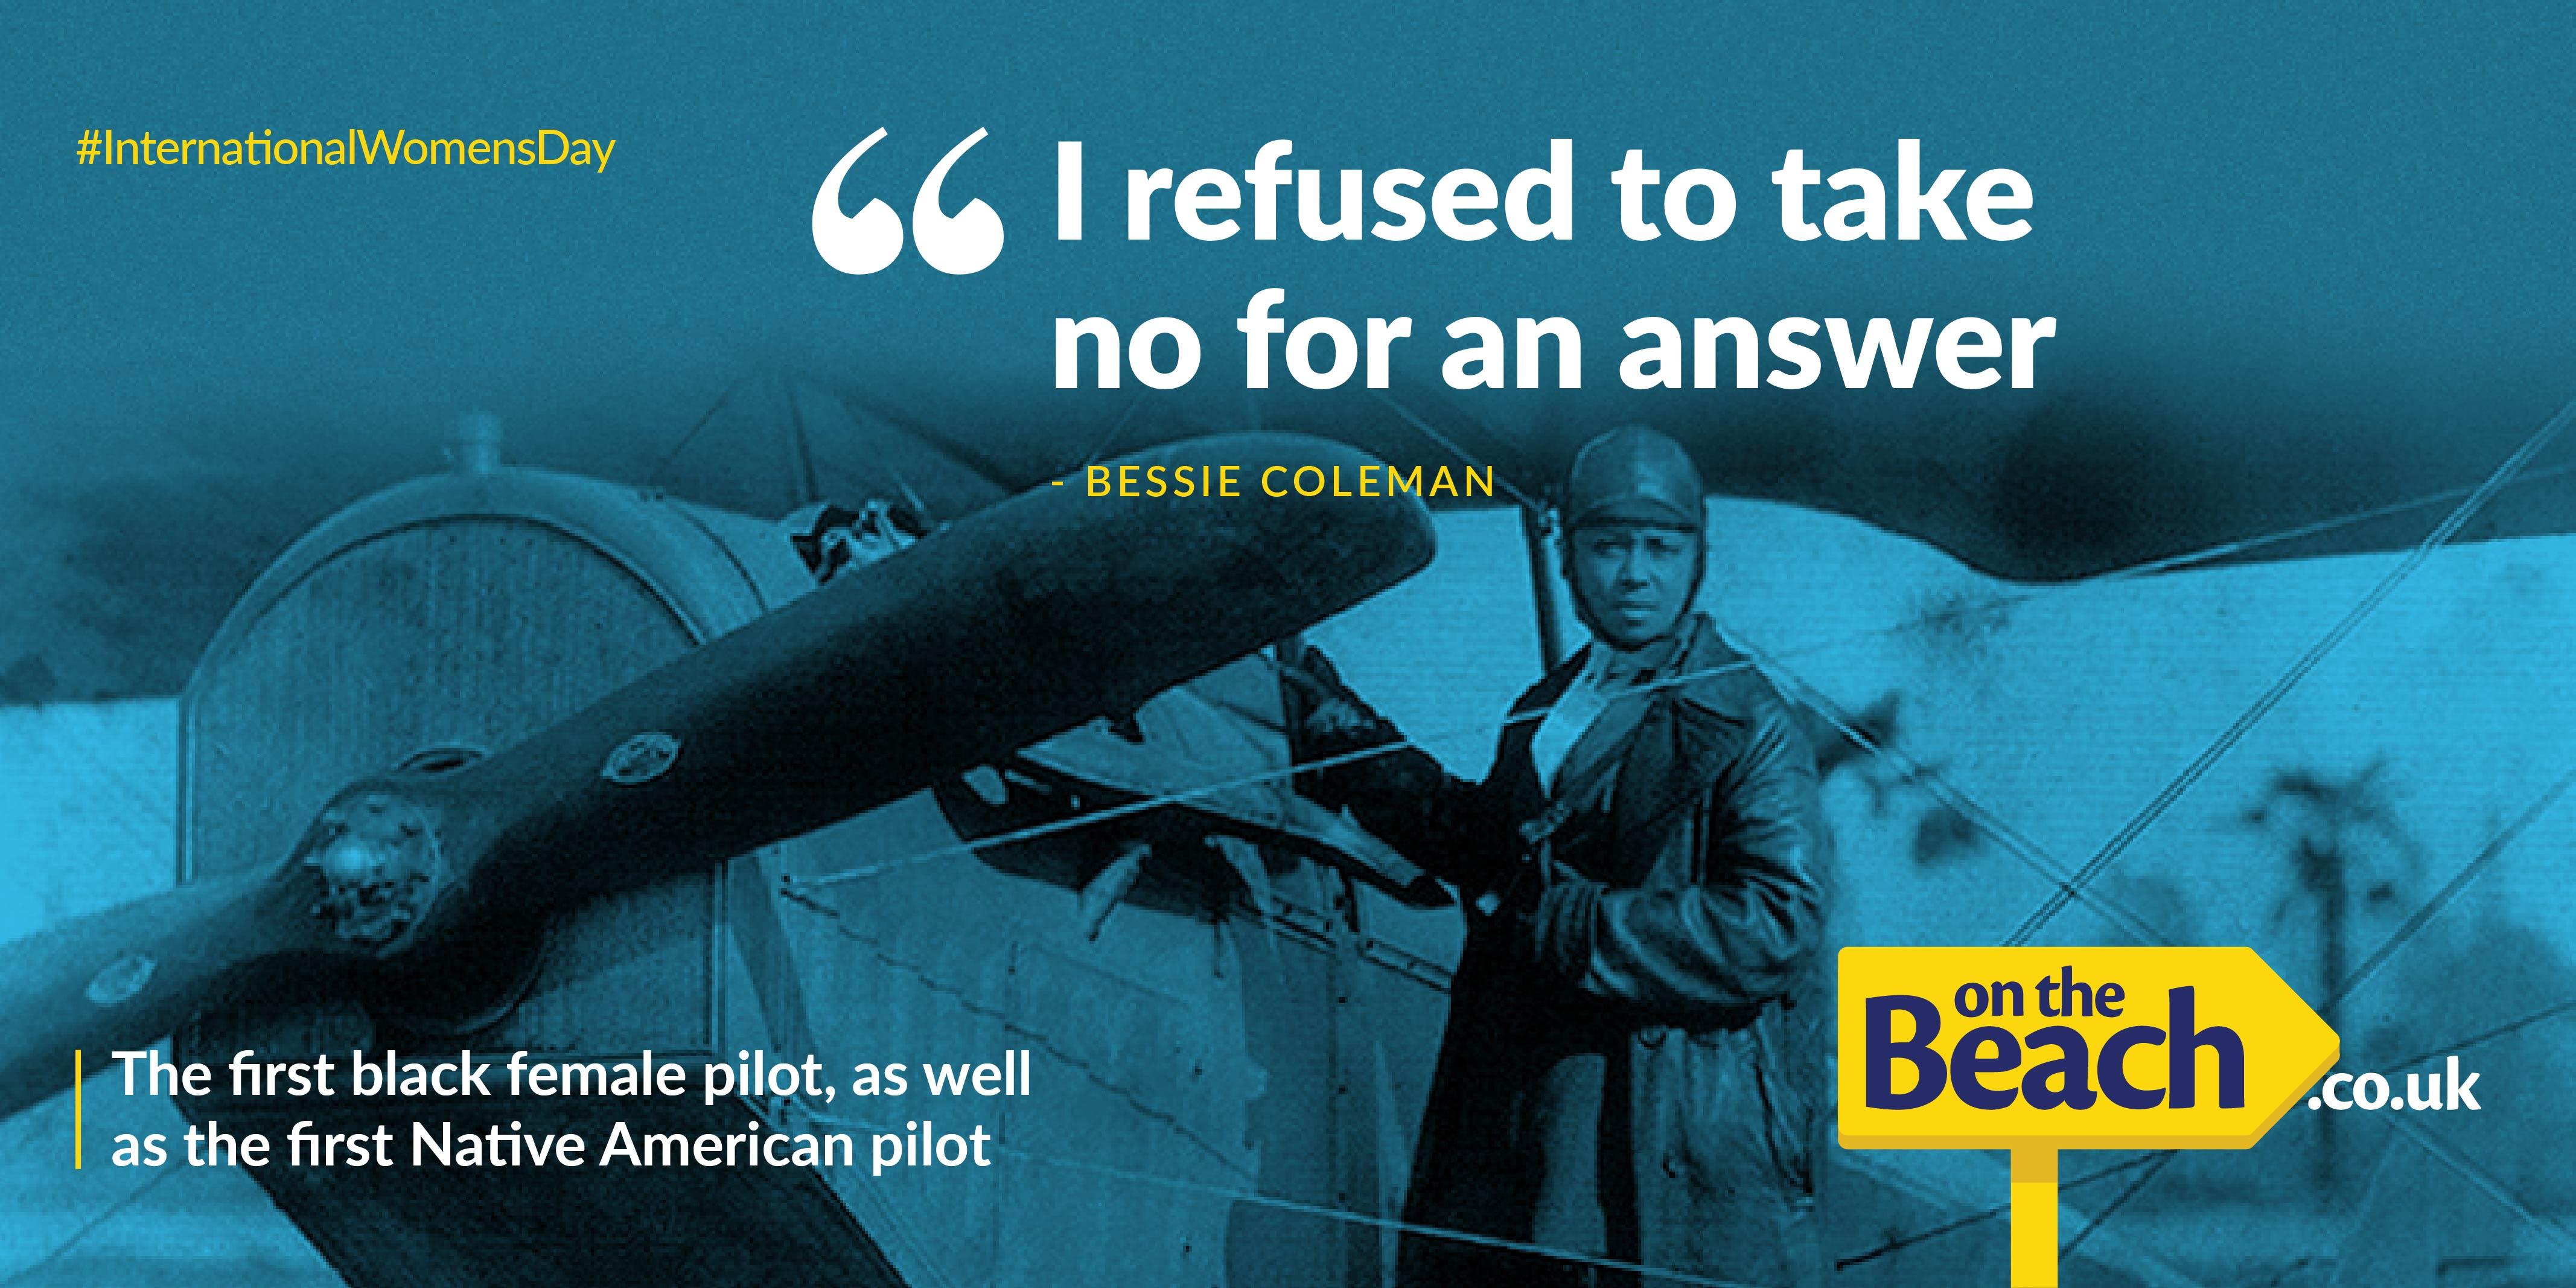 International Women's Day - Bessie Coleman